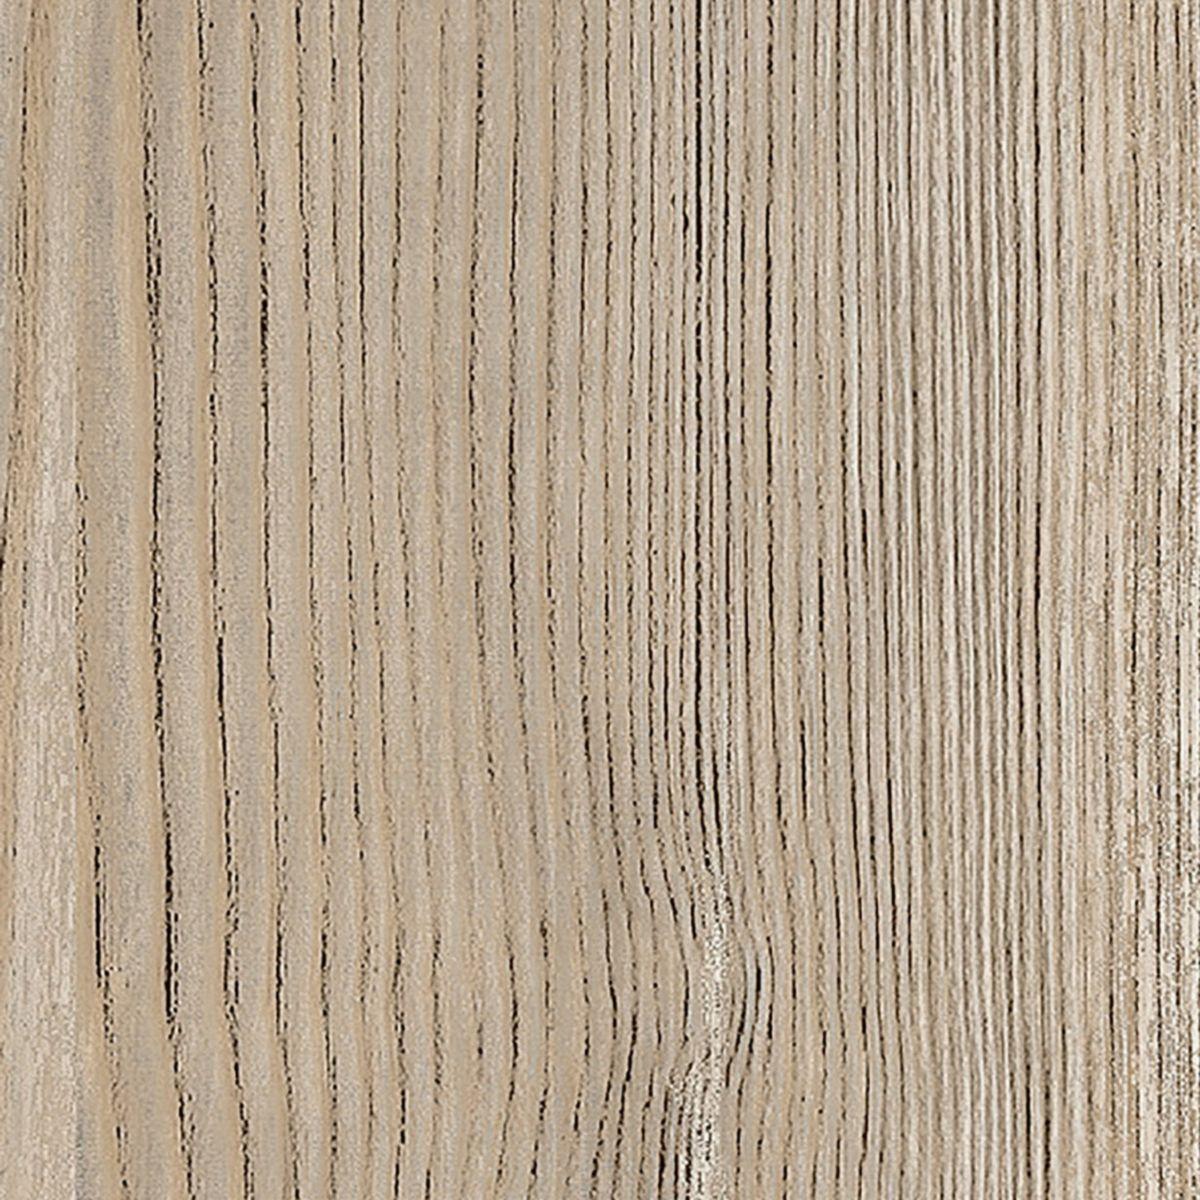 Panneau Stratifié Compact Hpl Polyrey Façade Âme Noire Décor Pin Taiga W07F  Finition Satin Si, Catégorie Bois, Pour Usage Extérieur, Format concernant Bois Pour Exterieur